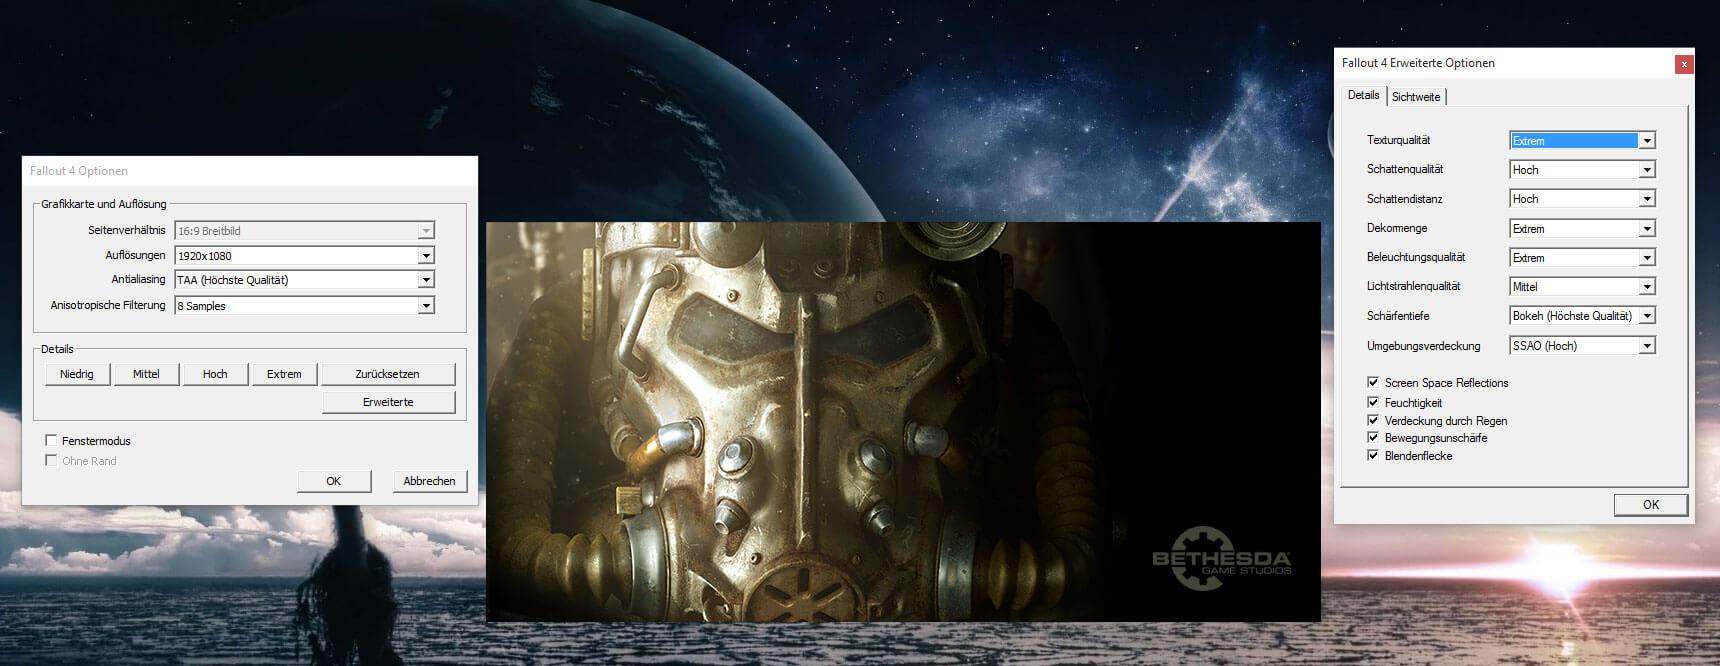 Grafik Fallout 4